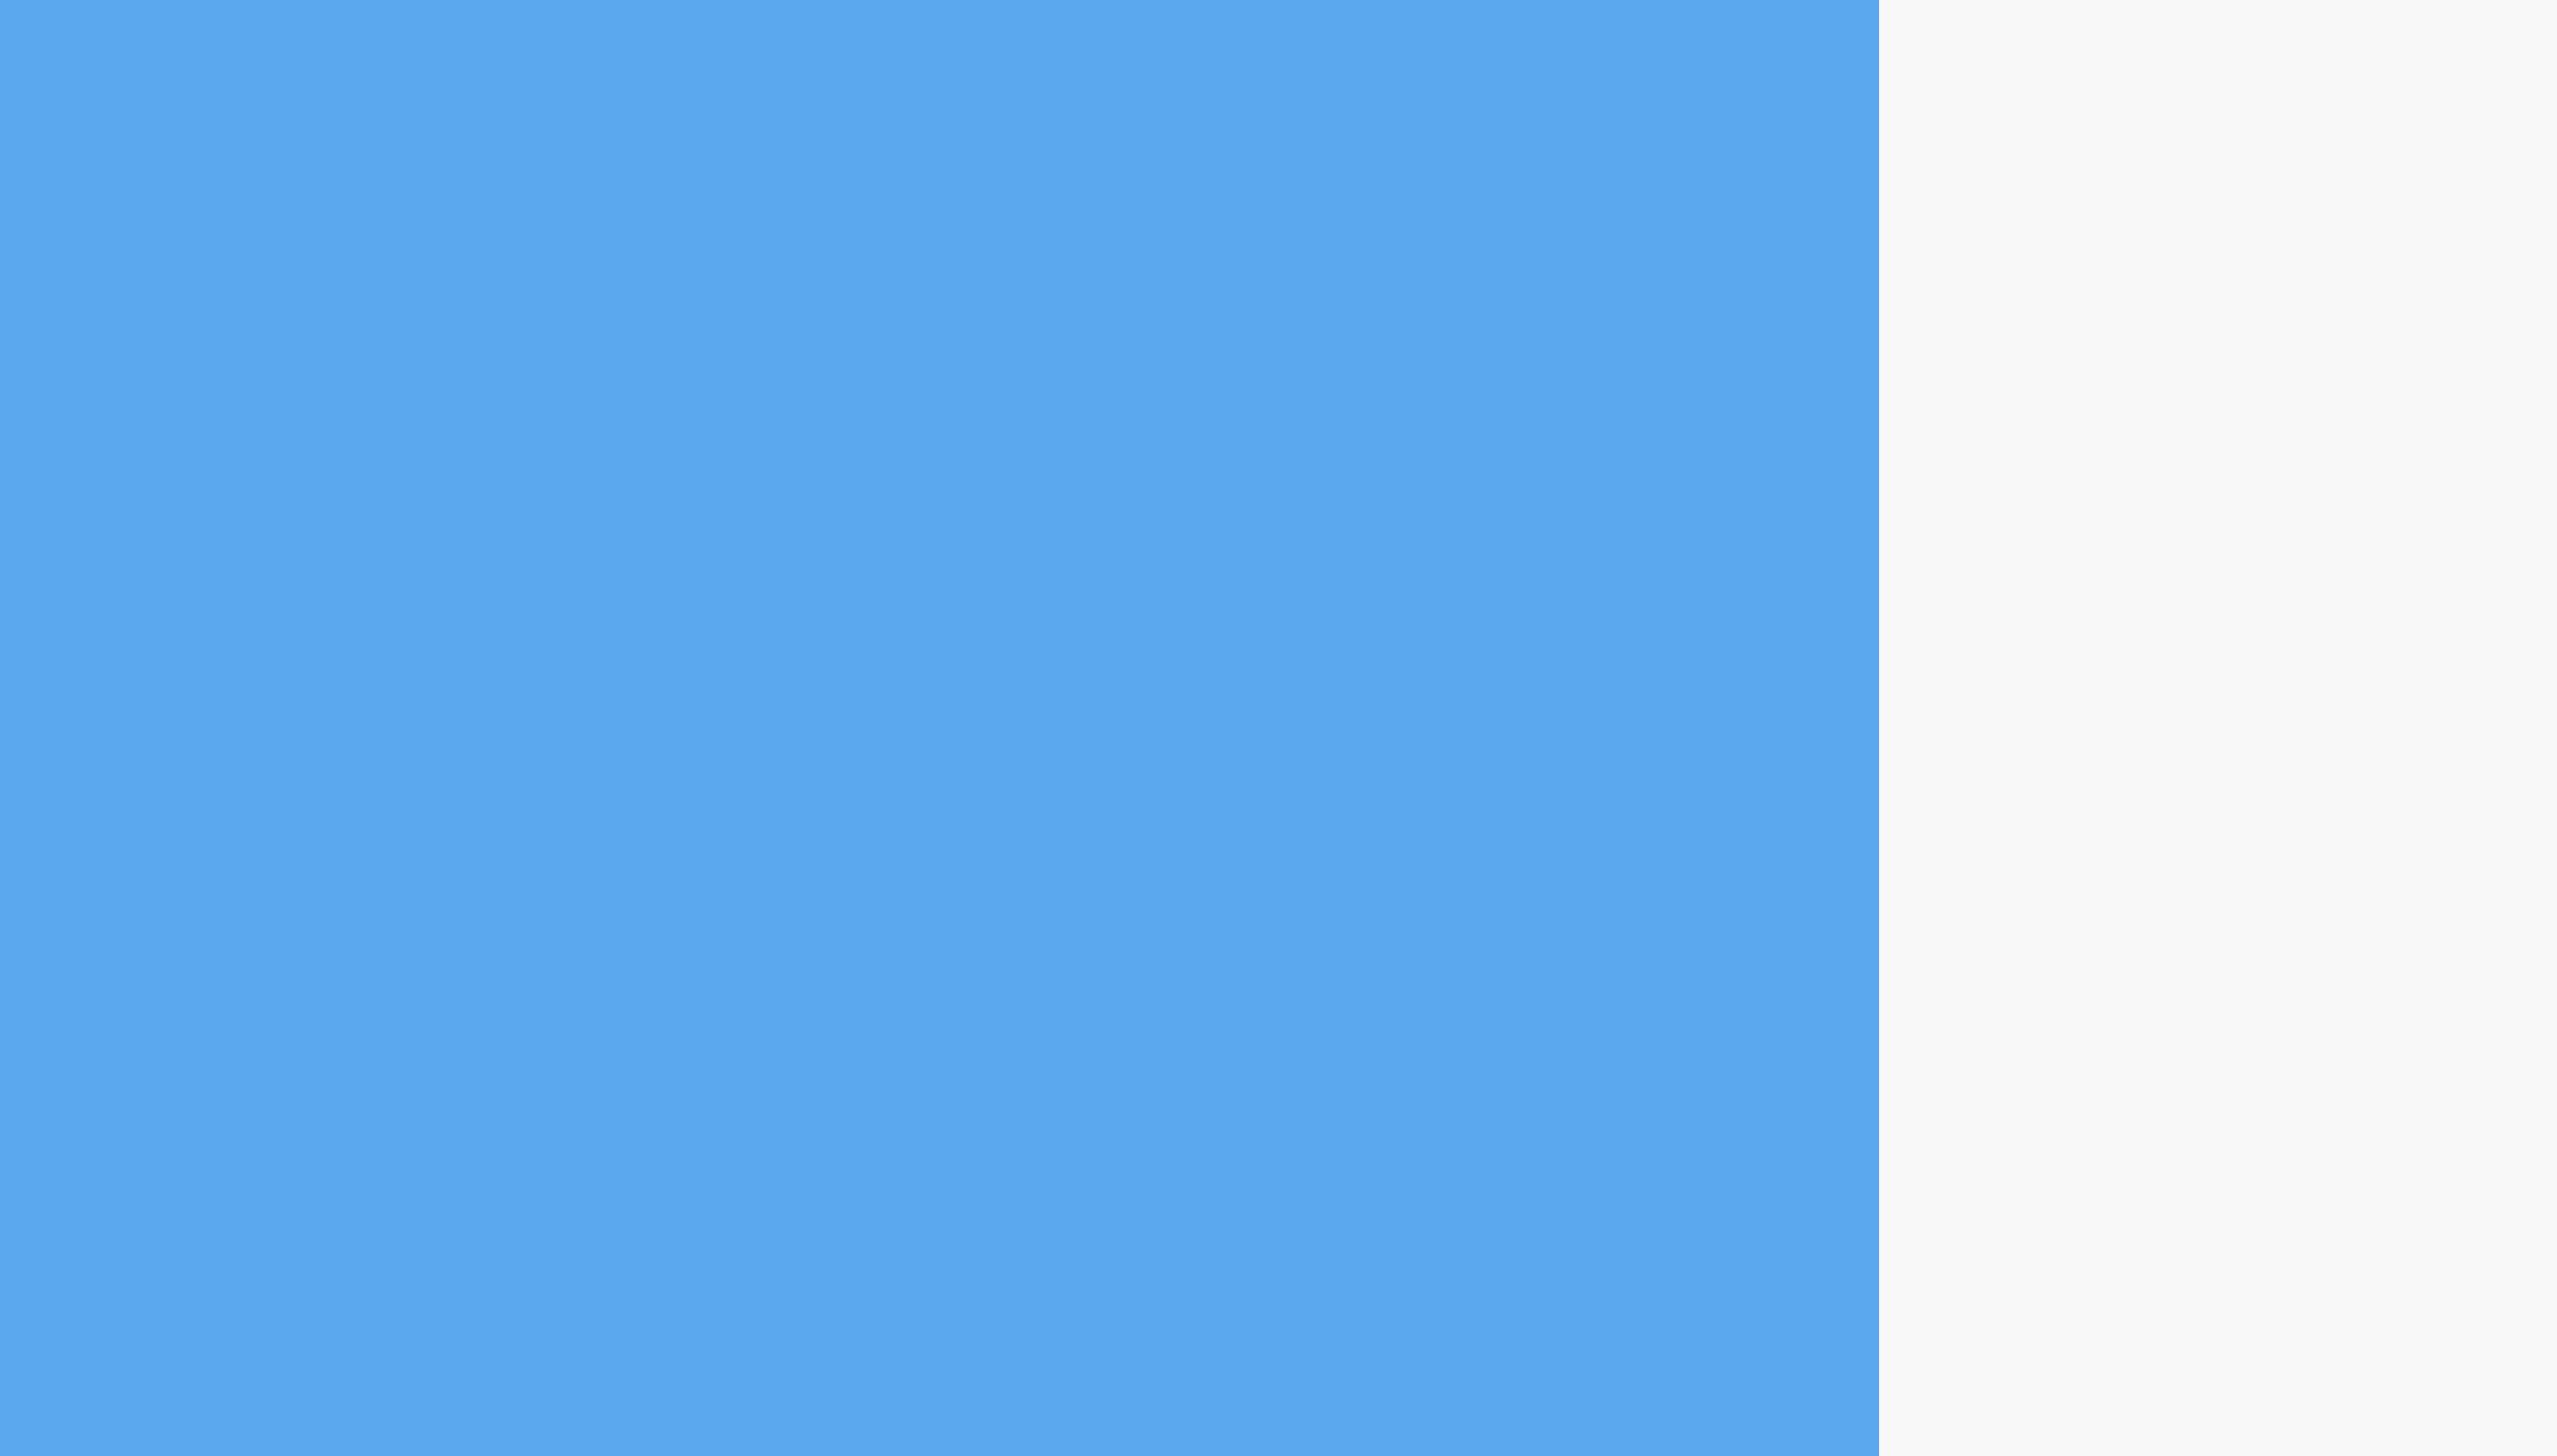 bg-blue-slider